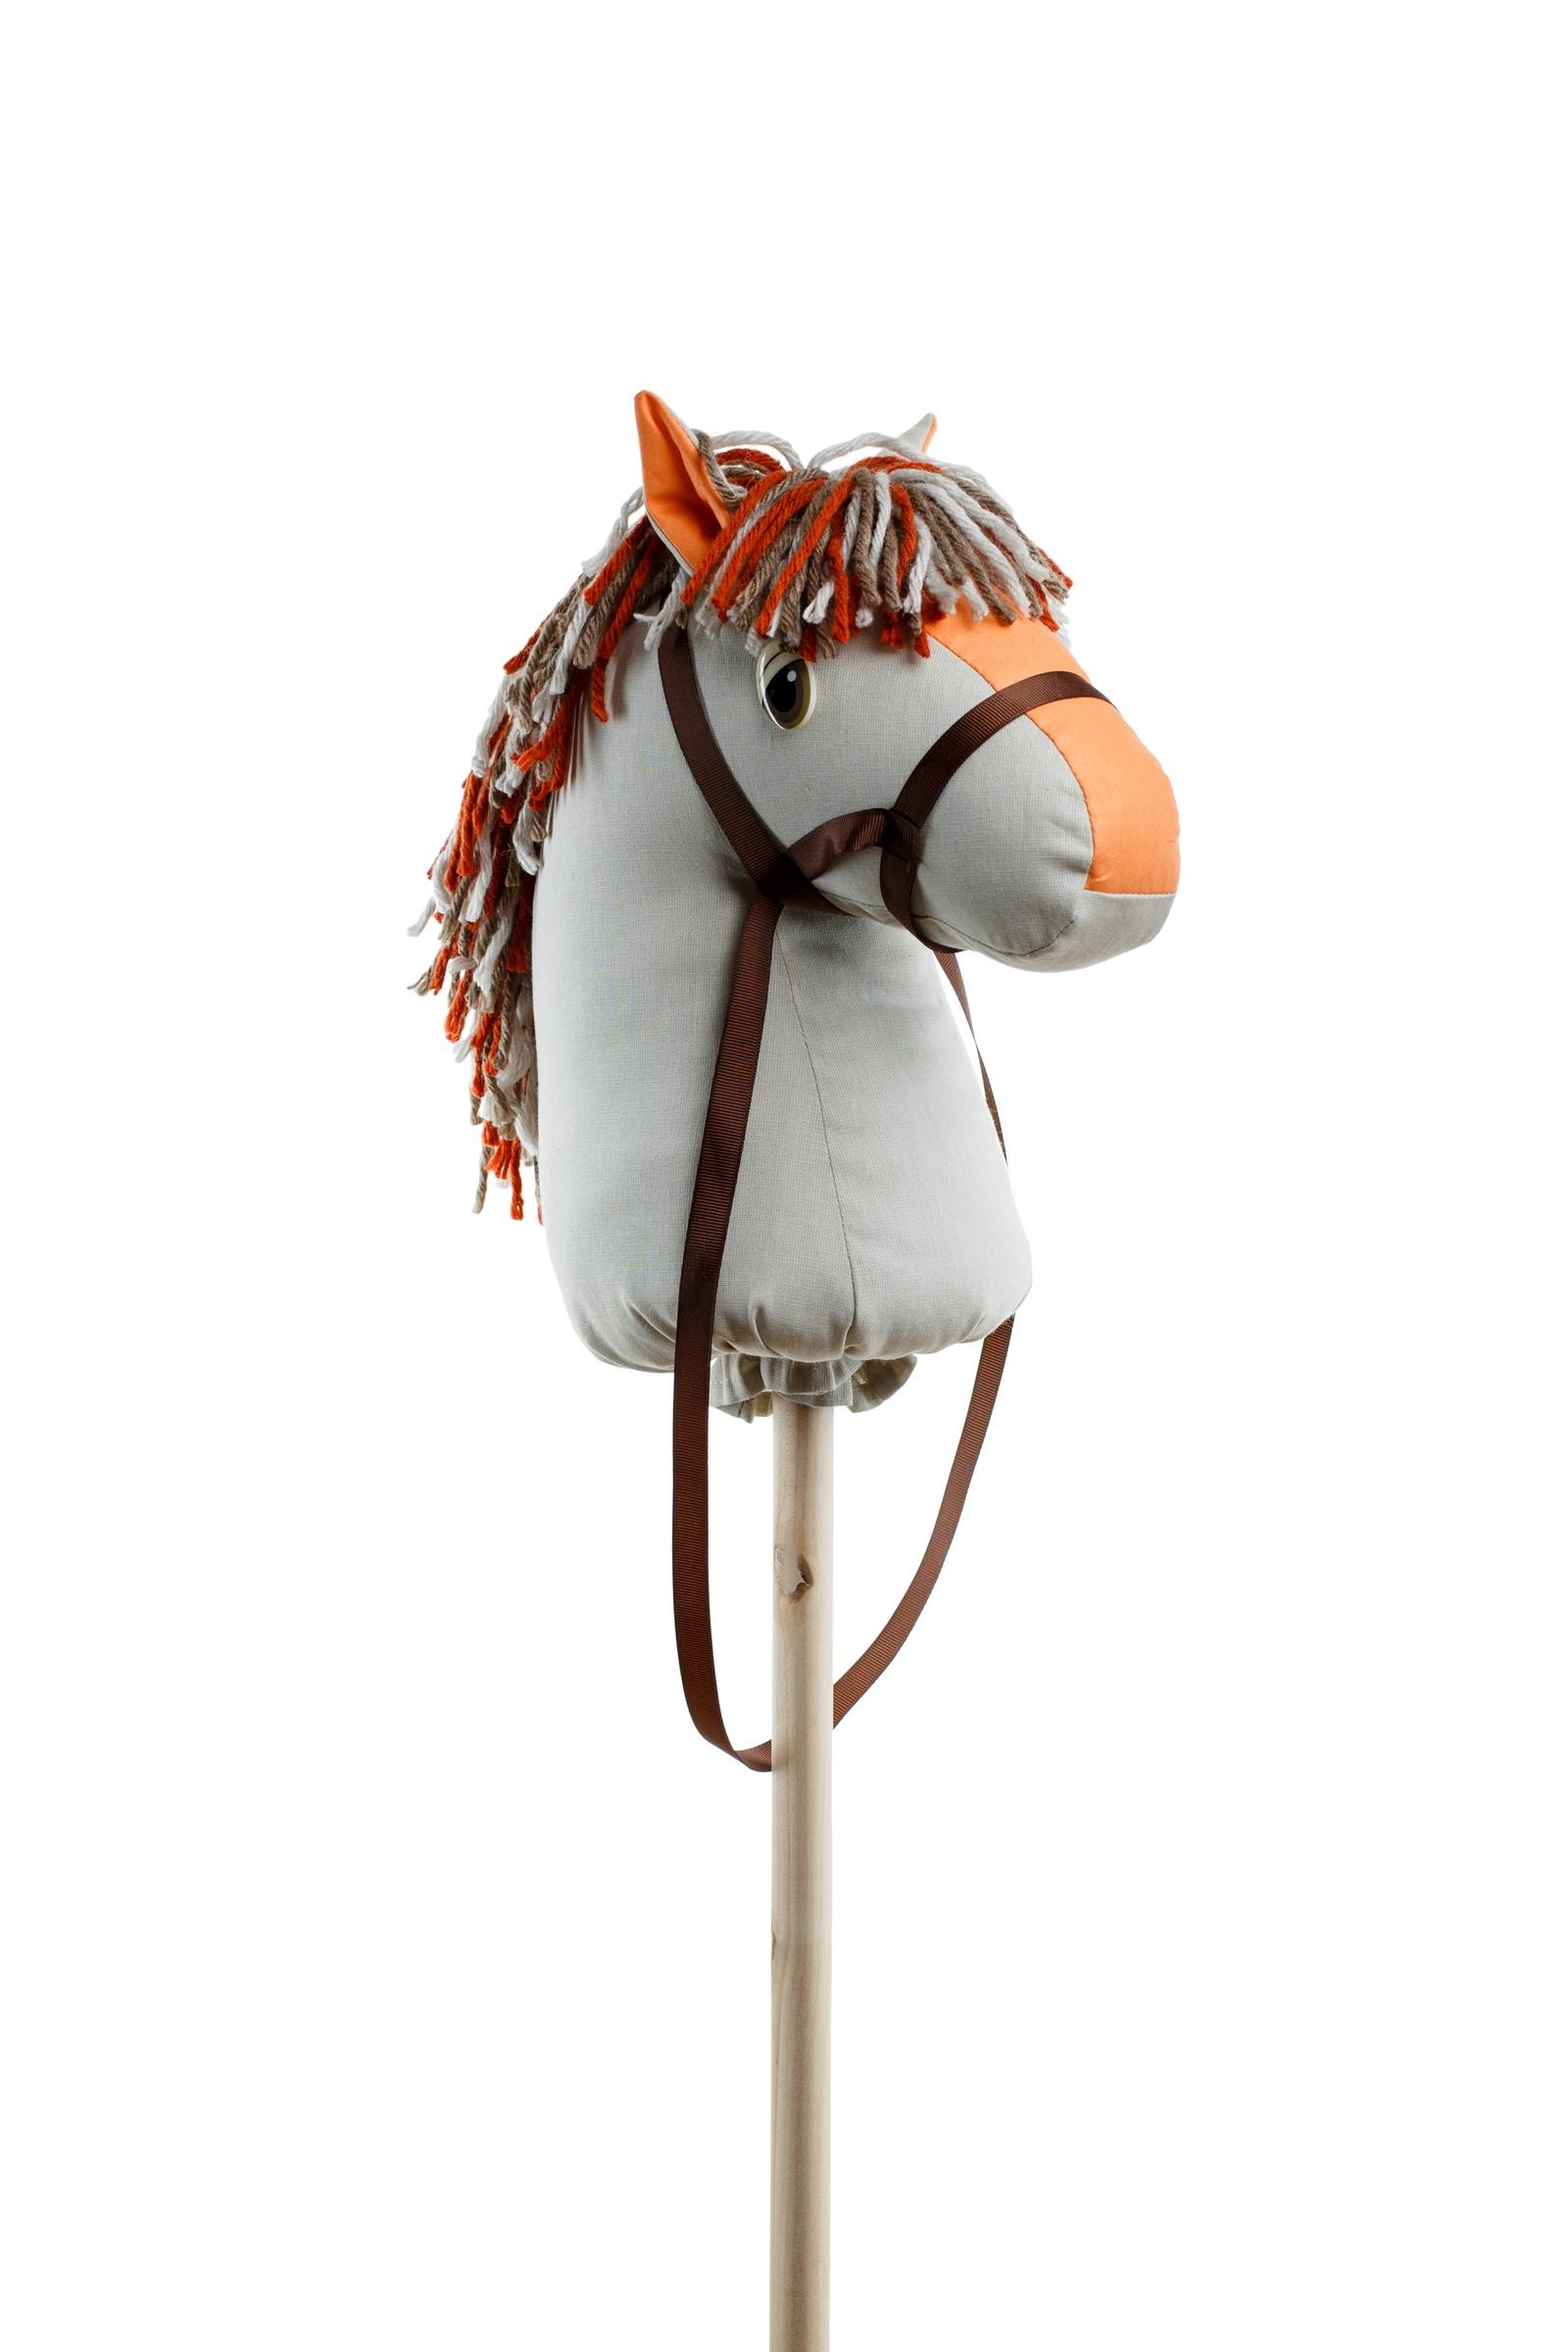 Фото - Игрушка - лошадка Коняша Дымок, 588 -КМ021 ролевые игры коняша лошадка на палочке фея